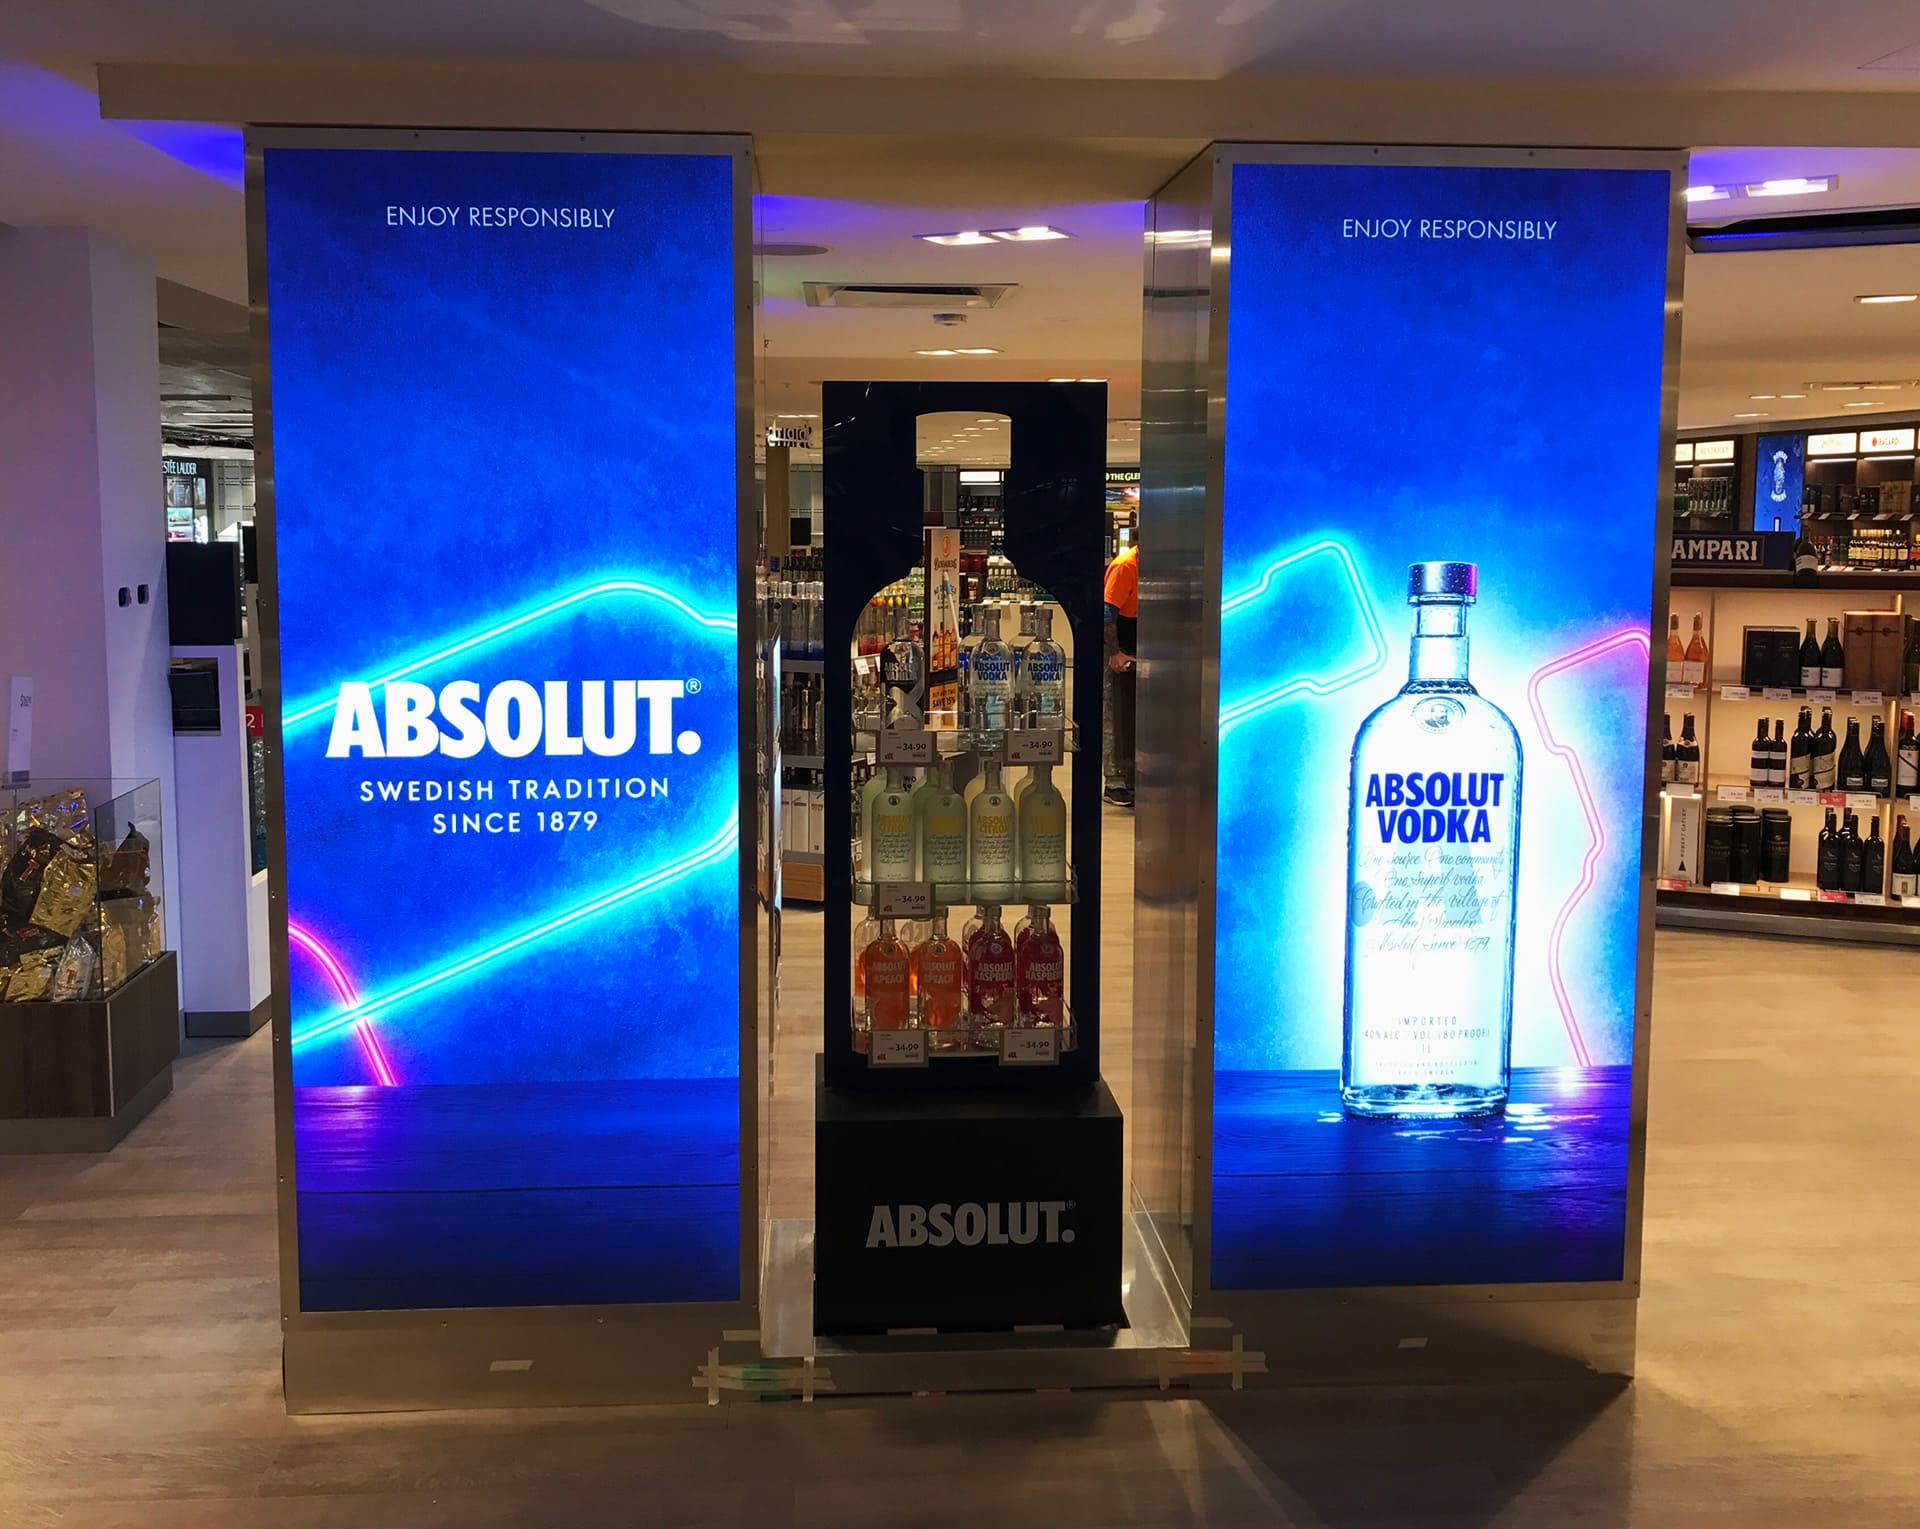 Absolut Vodka bottle and description on a LED sign